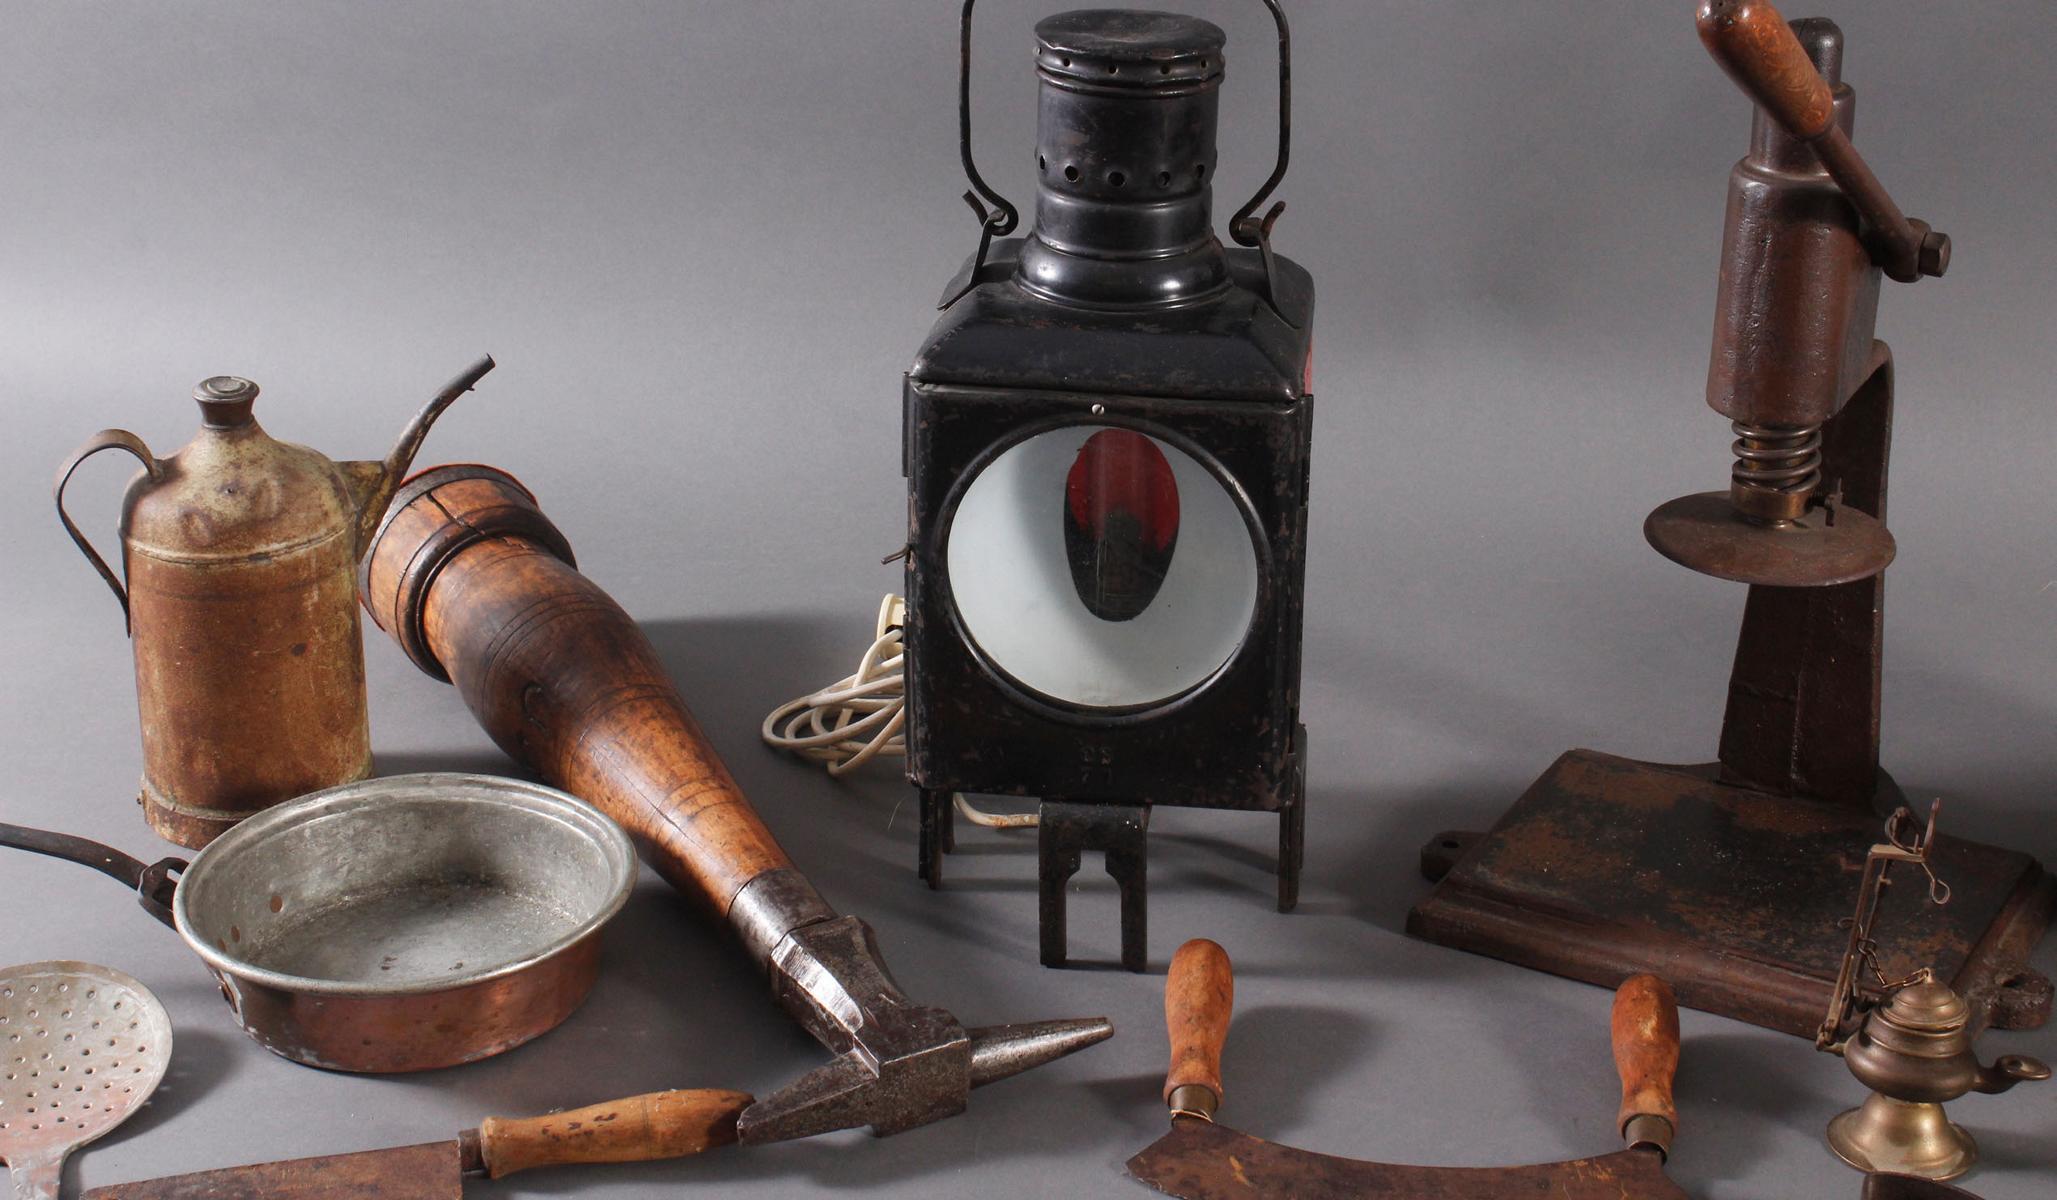 Antike Werkzeuge, Gebrauchs- und Dekorationsgegenstände-4